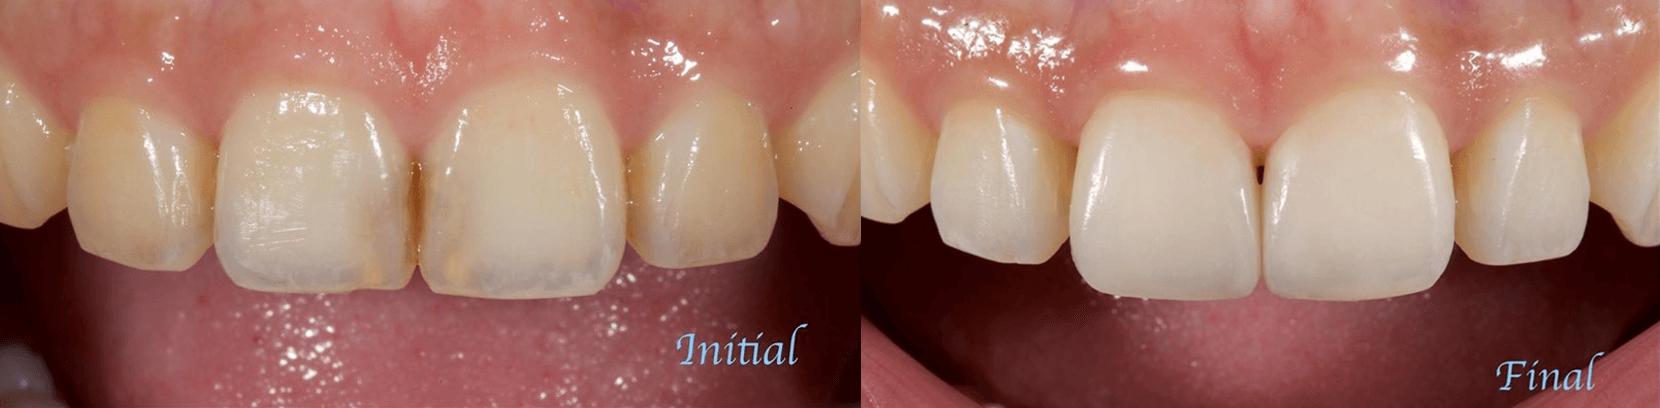 蛀牙或舊有填補物變色